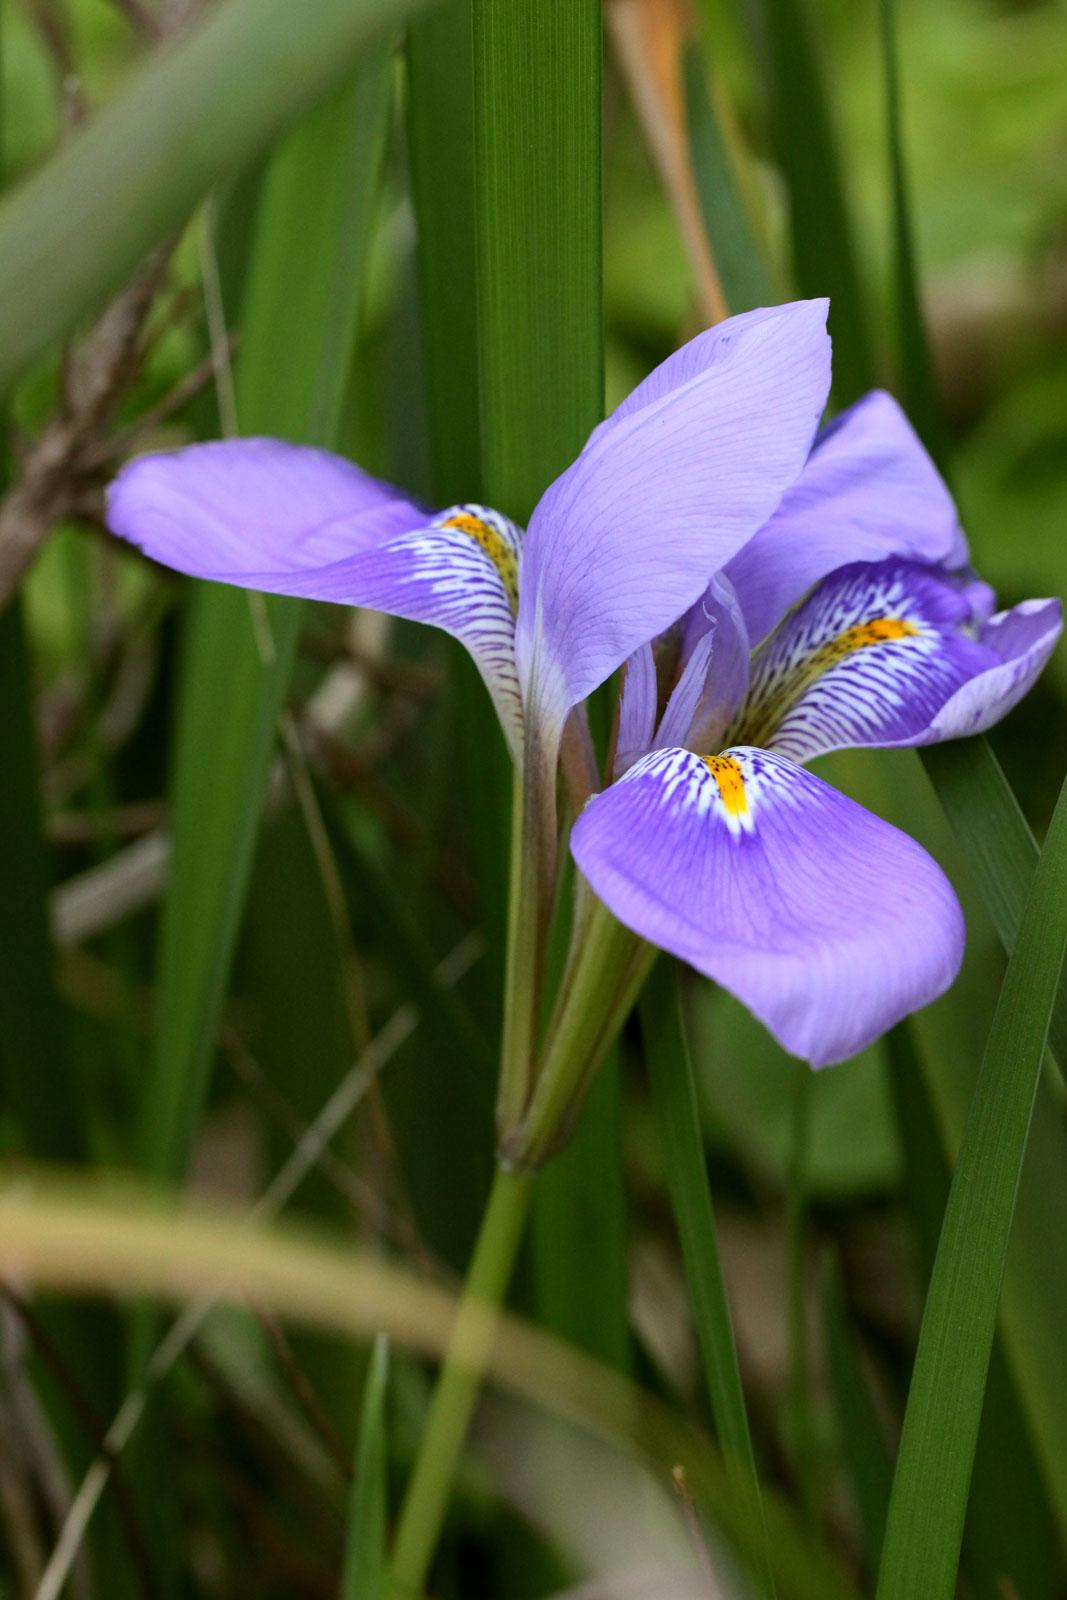 お花の写真集 / カンザキアヤメ(寒咲き菖蒲)